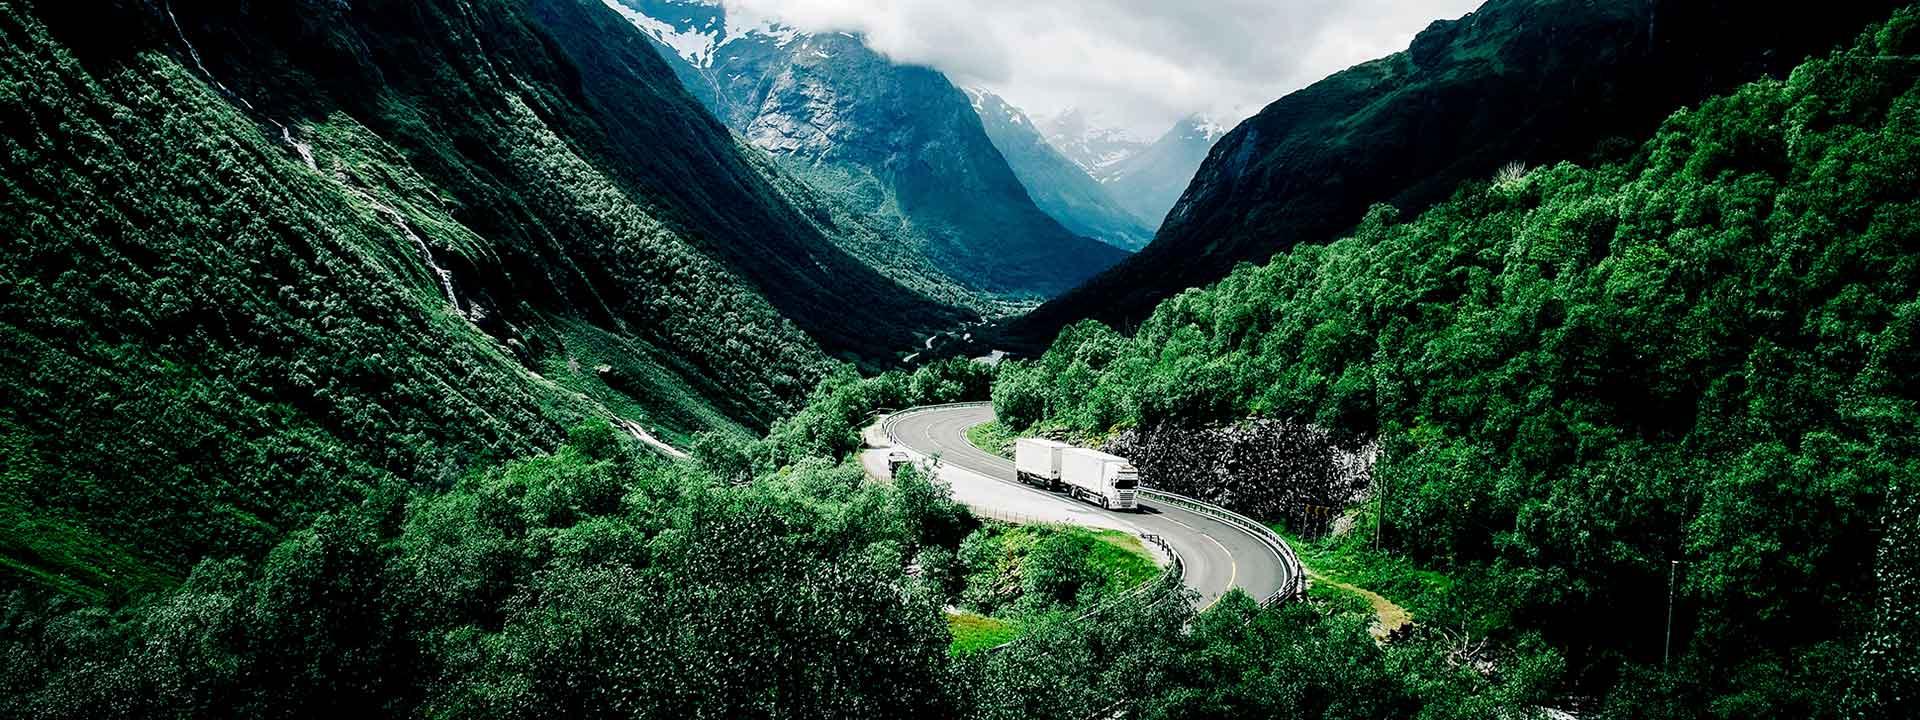 vimar trasporti - logistica e trasporti